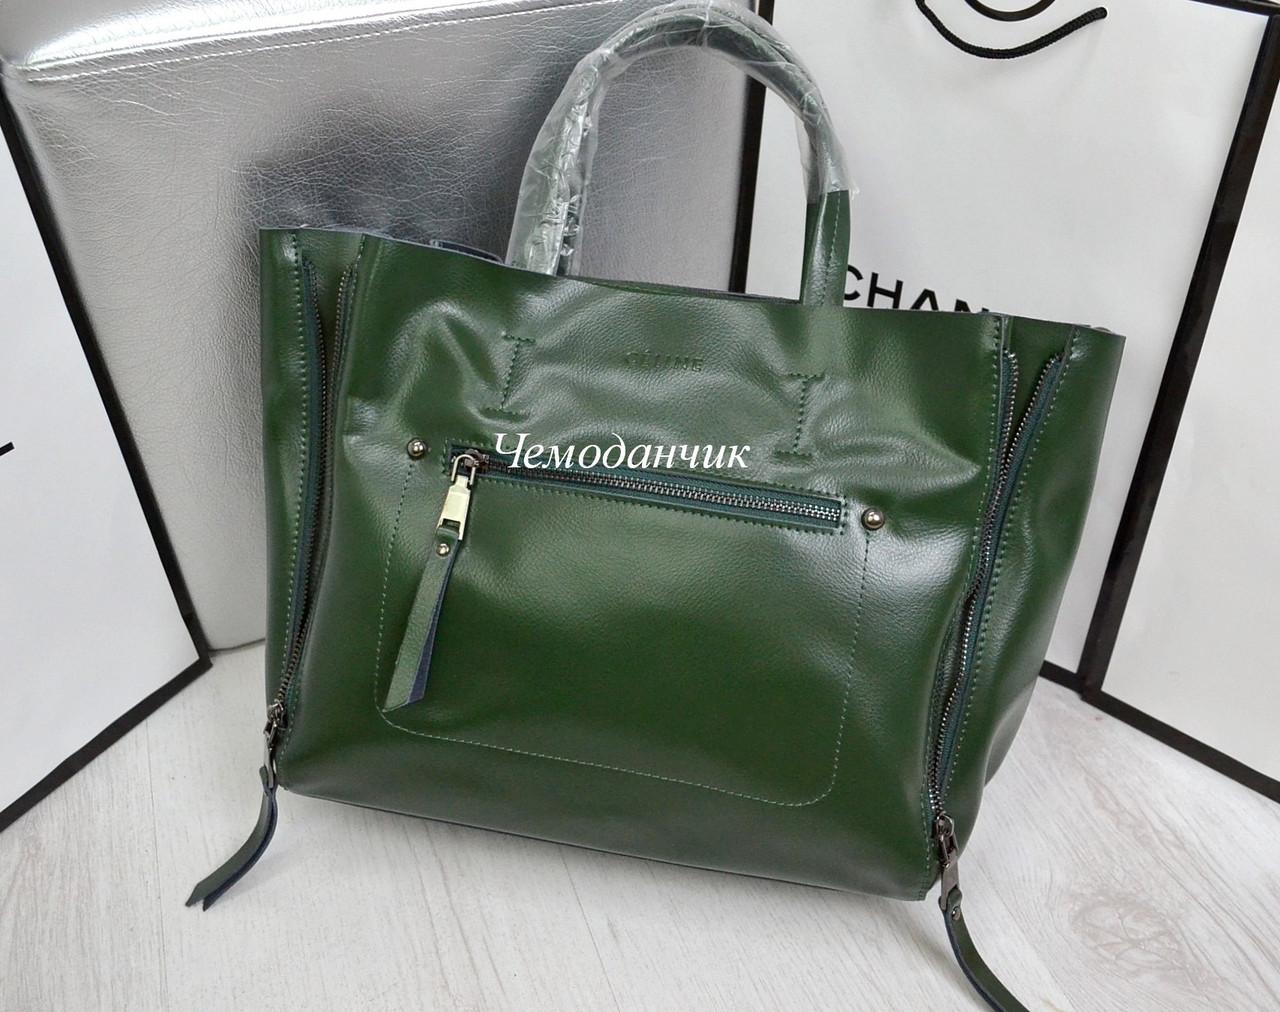 832224a54d8b КОЖАНАЯ СУМКА Celine Селин зеленая - ЧЕМОДАНЧИК - самые красивые сумочки по  самой приятной цене!